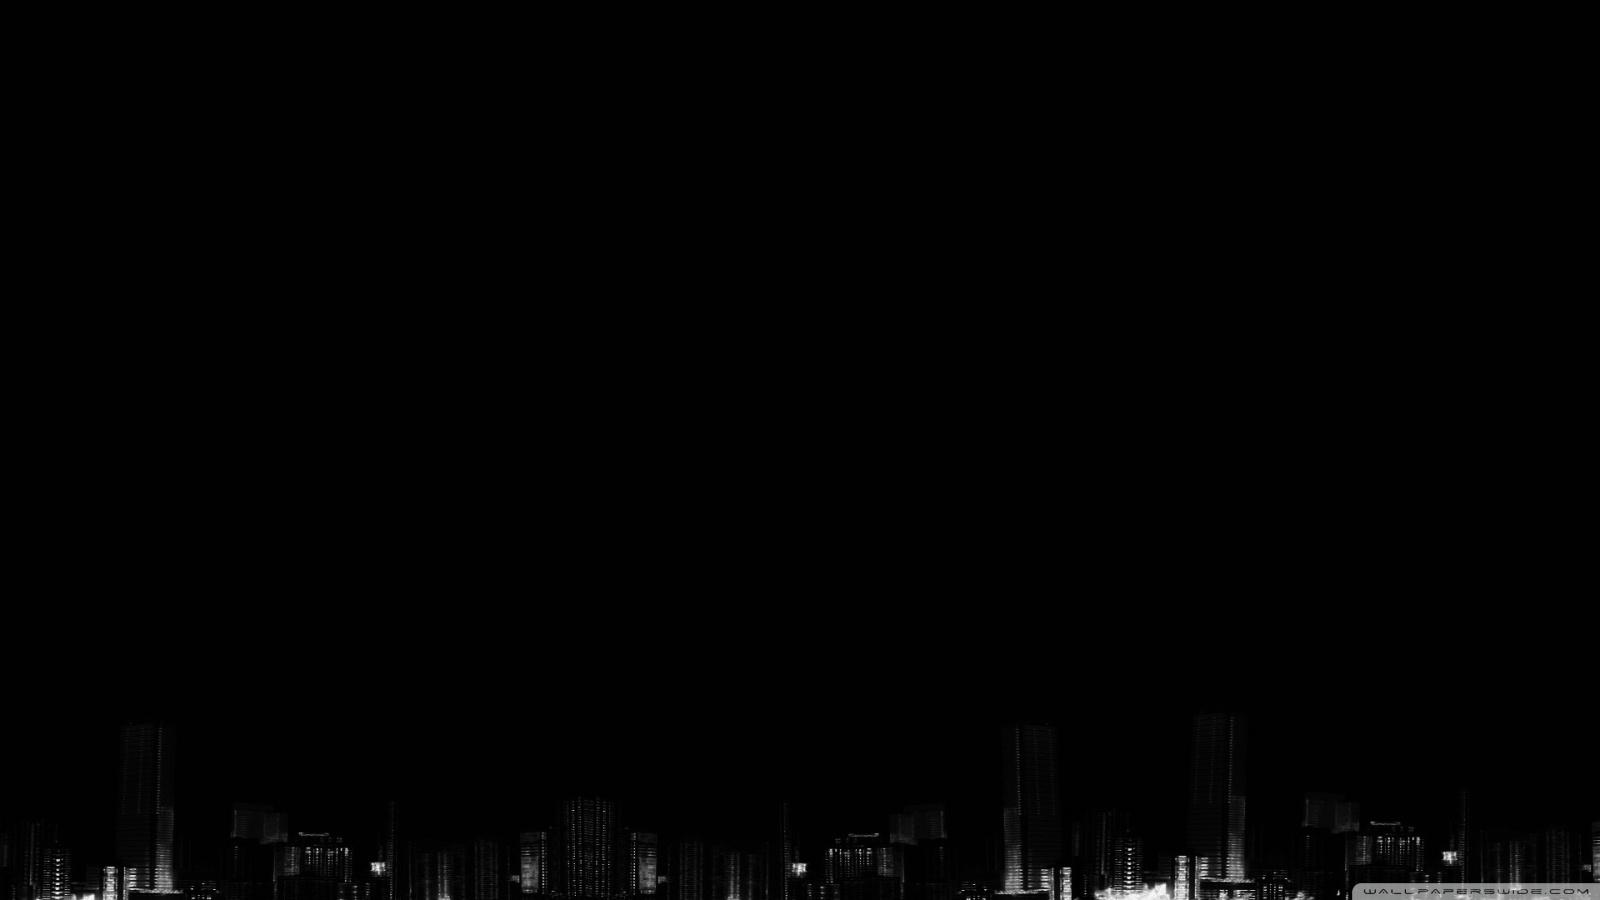 1600x900 black desktop wallpaper - photo #2